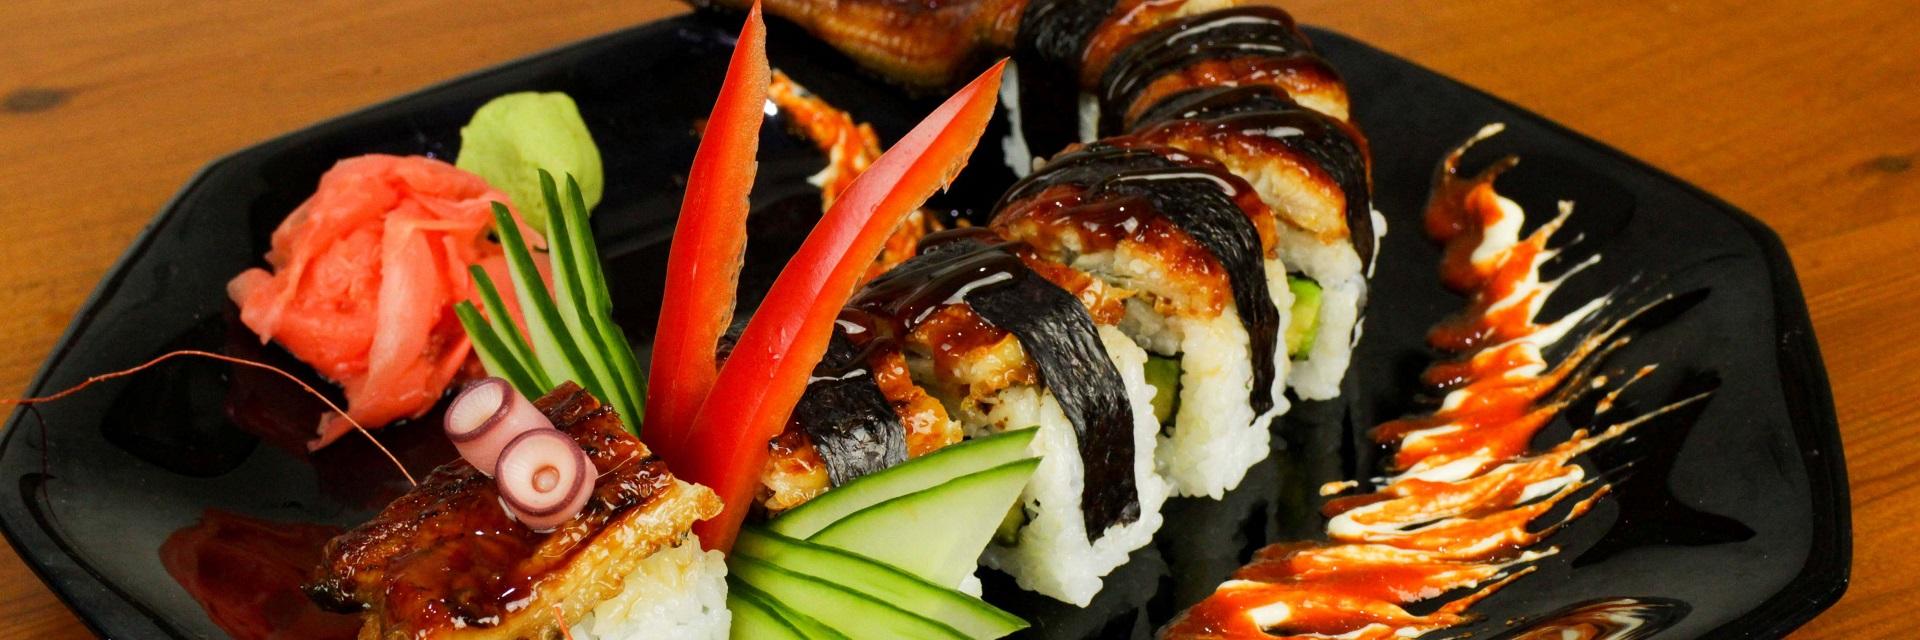 6 Tempat Makan Sushi Oishii di Kota Malang